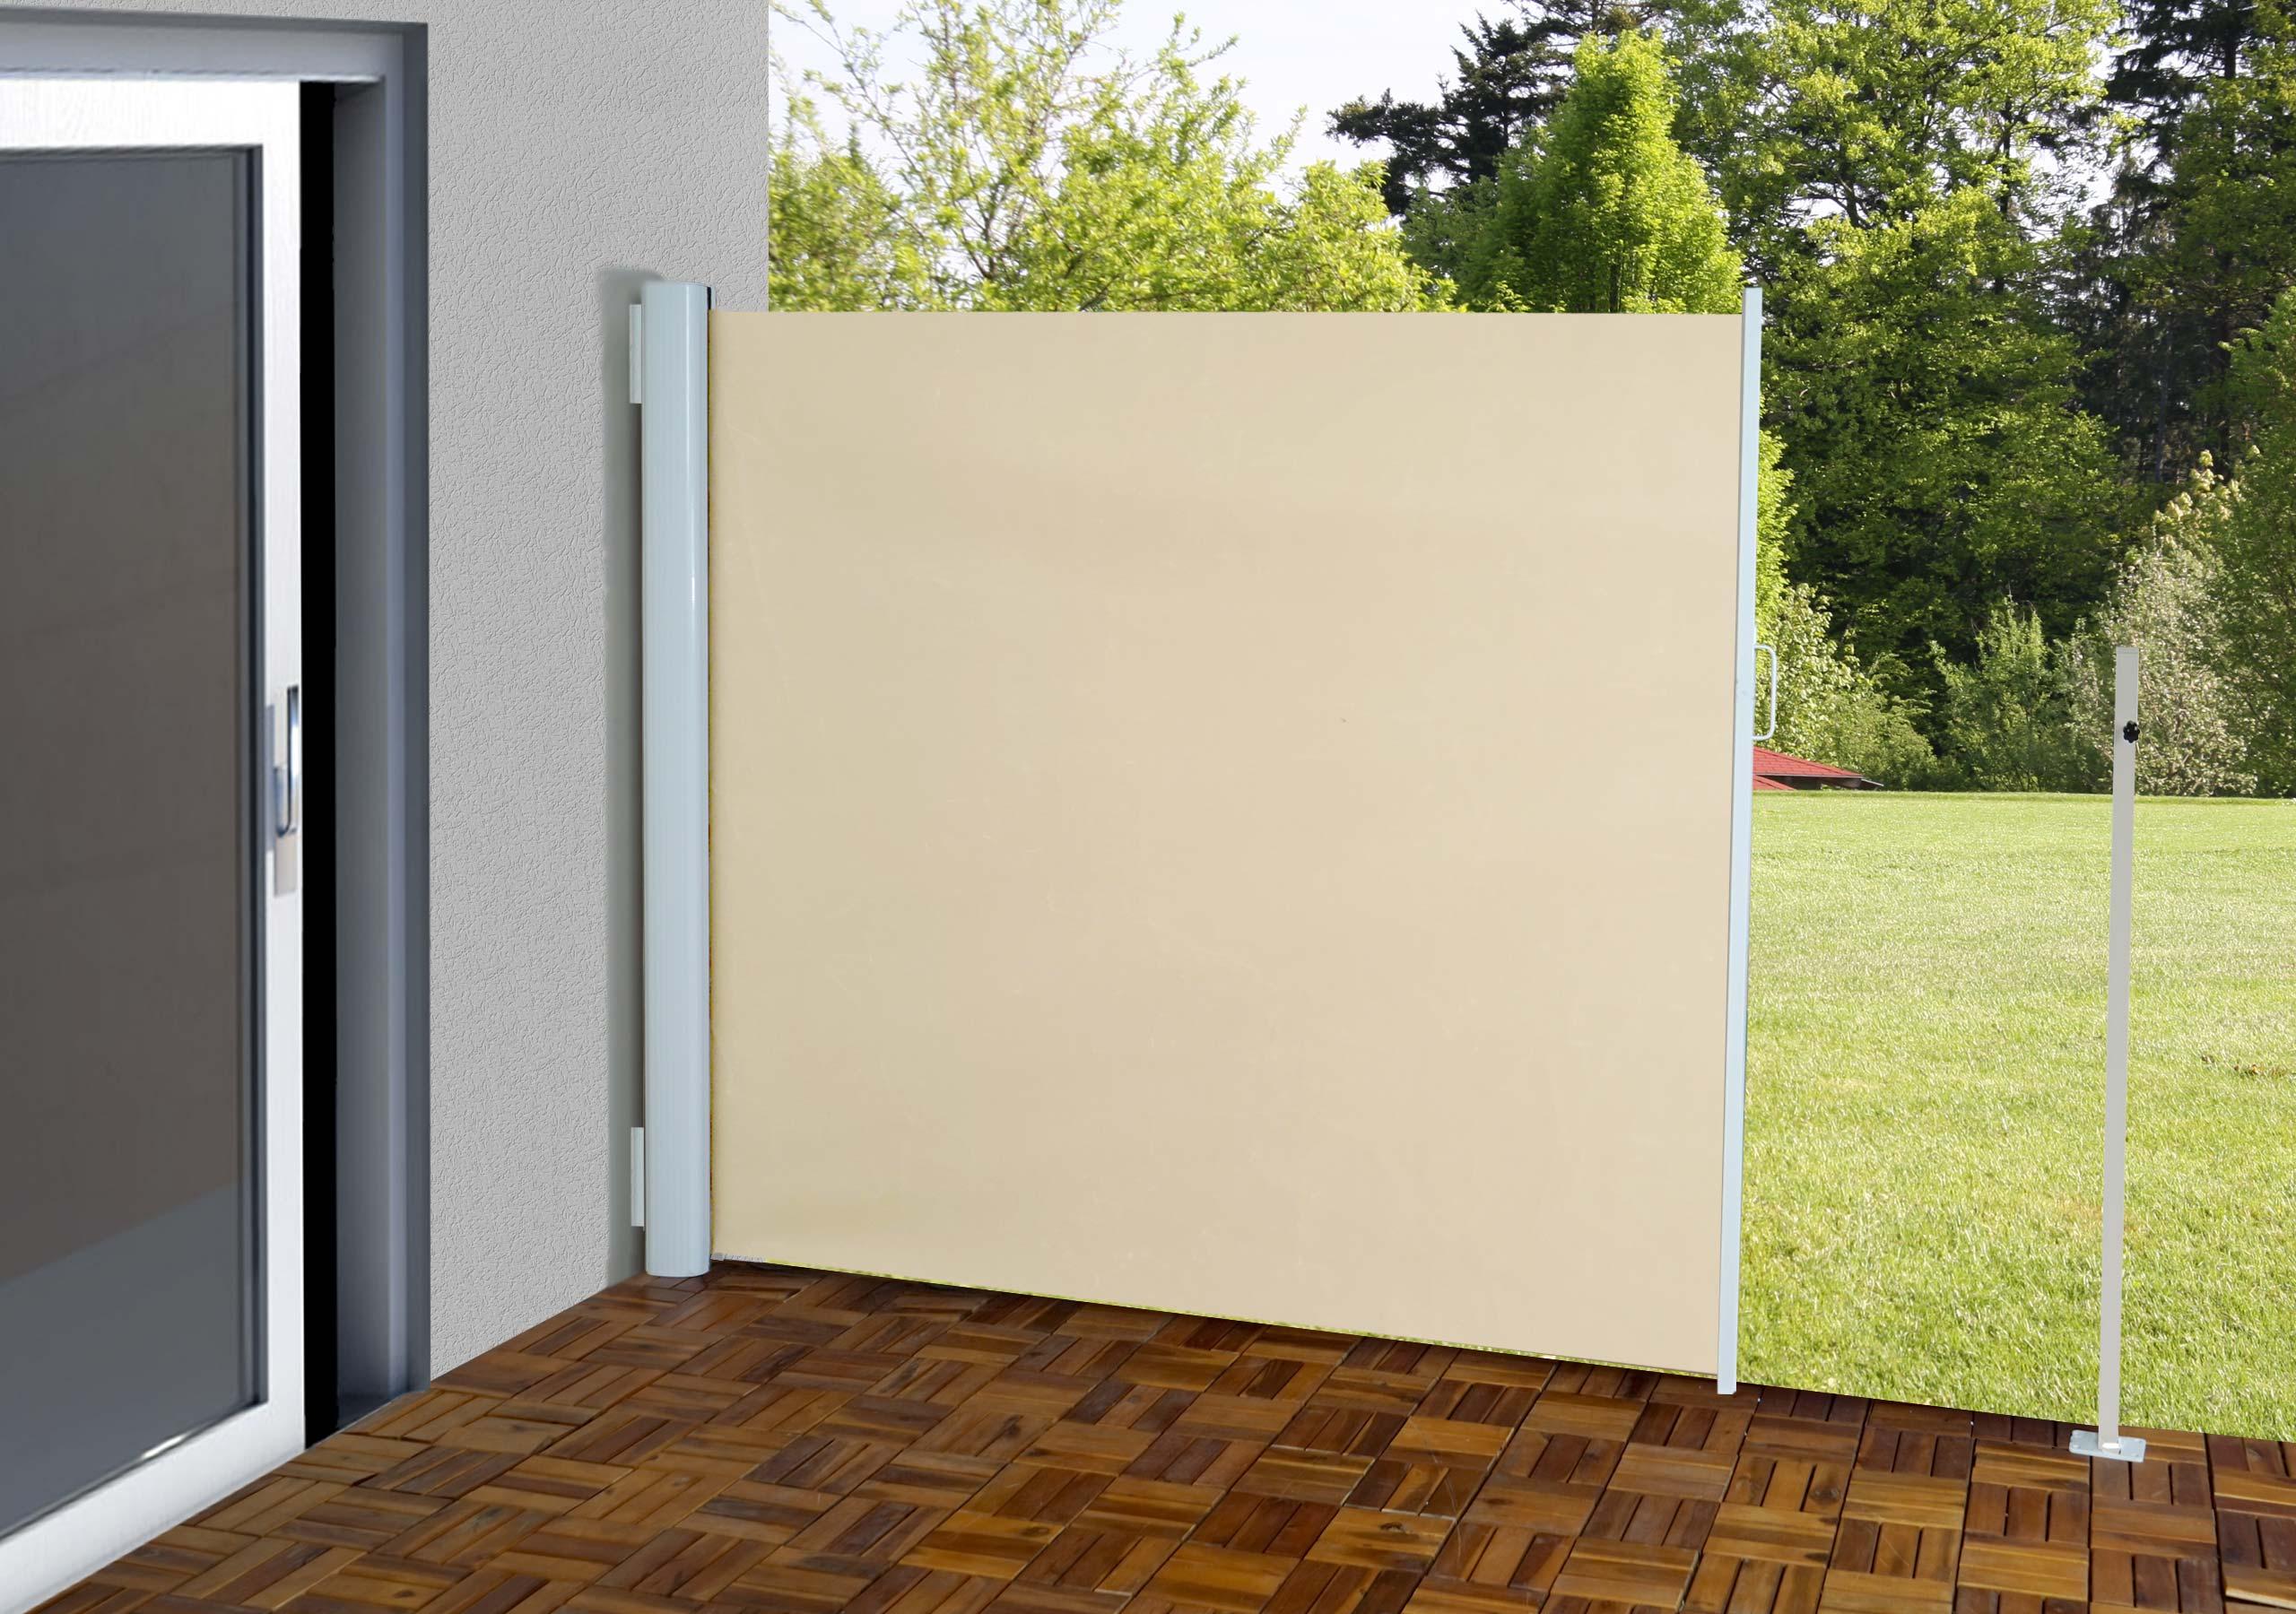 seitenmarkise t140 sichtschutz sonnenschutz windschutz alu 1 6x3m oder 1 8x3m ebay. Black Bedroom Furniture Sets. Home Design Ideas